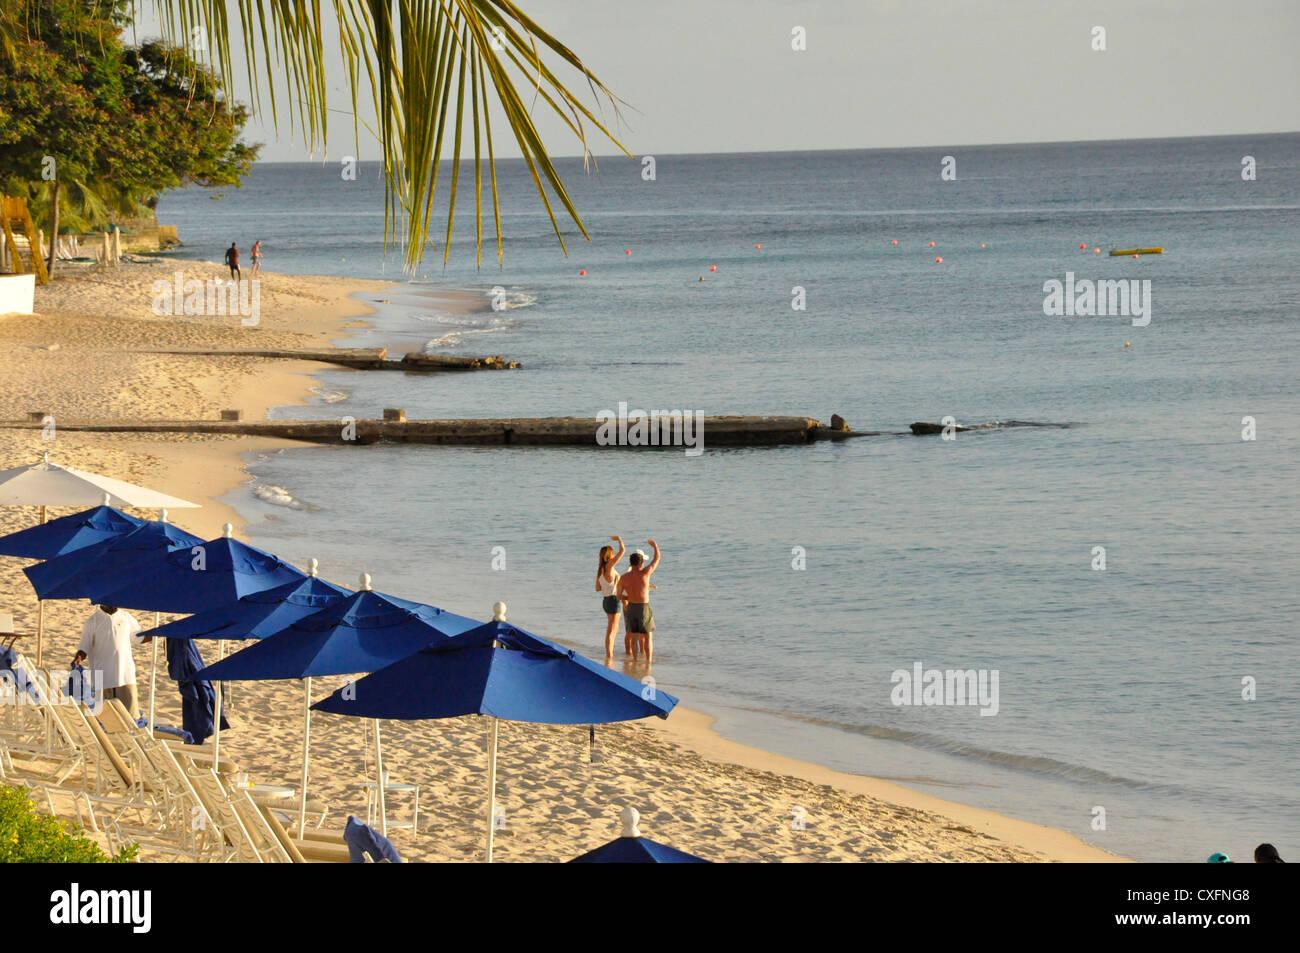 Royal Pavilion Barbados, Beach, holiday, guests, summer - Stock Image